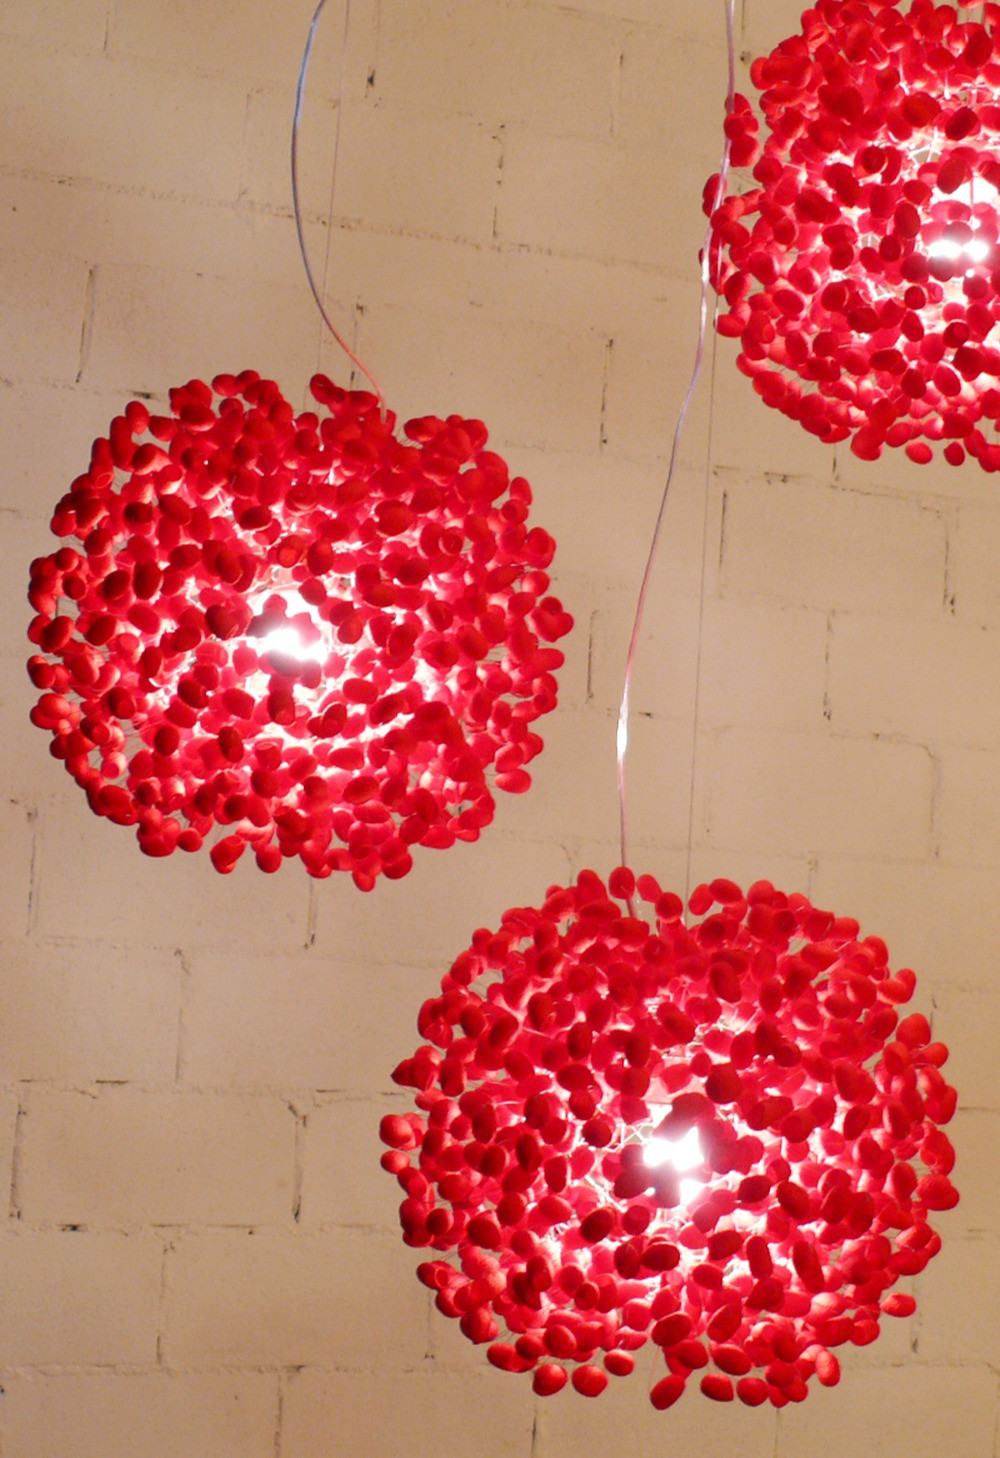 โคมไฟรังไหมสีแดง โคมไฟโมเดิร์นของแองโก